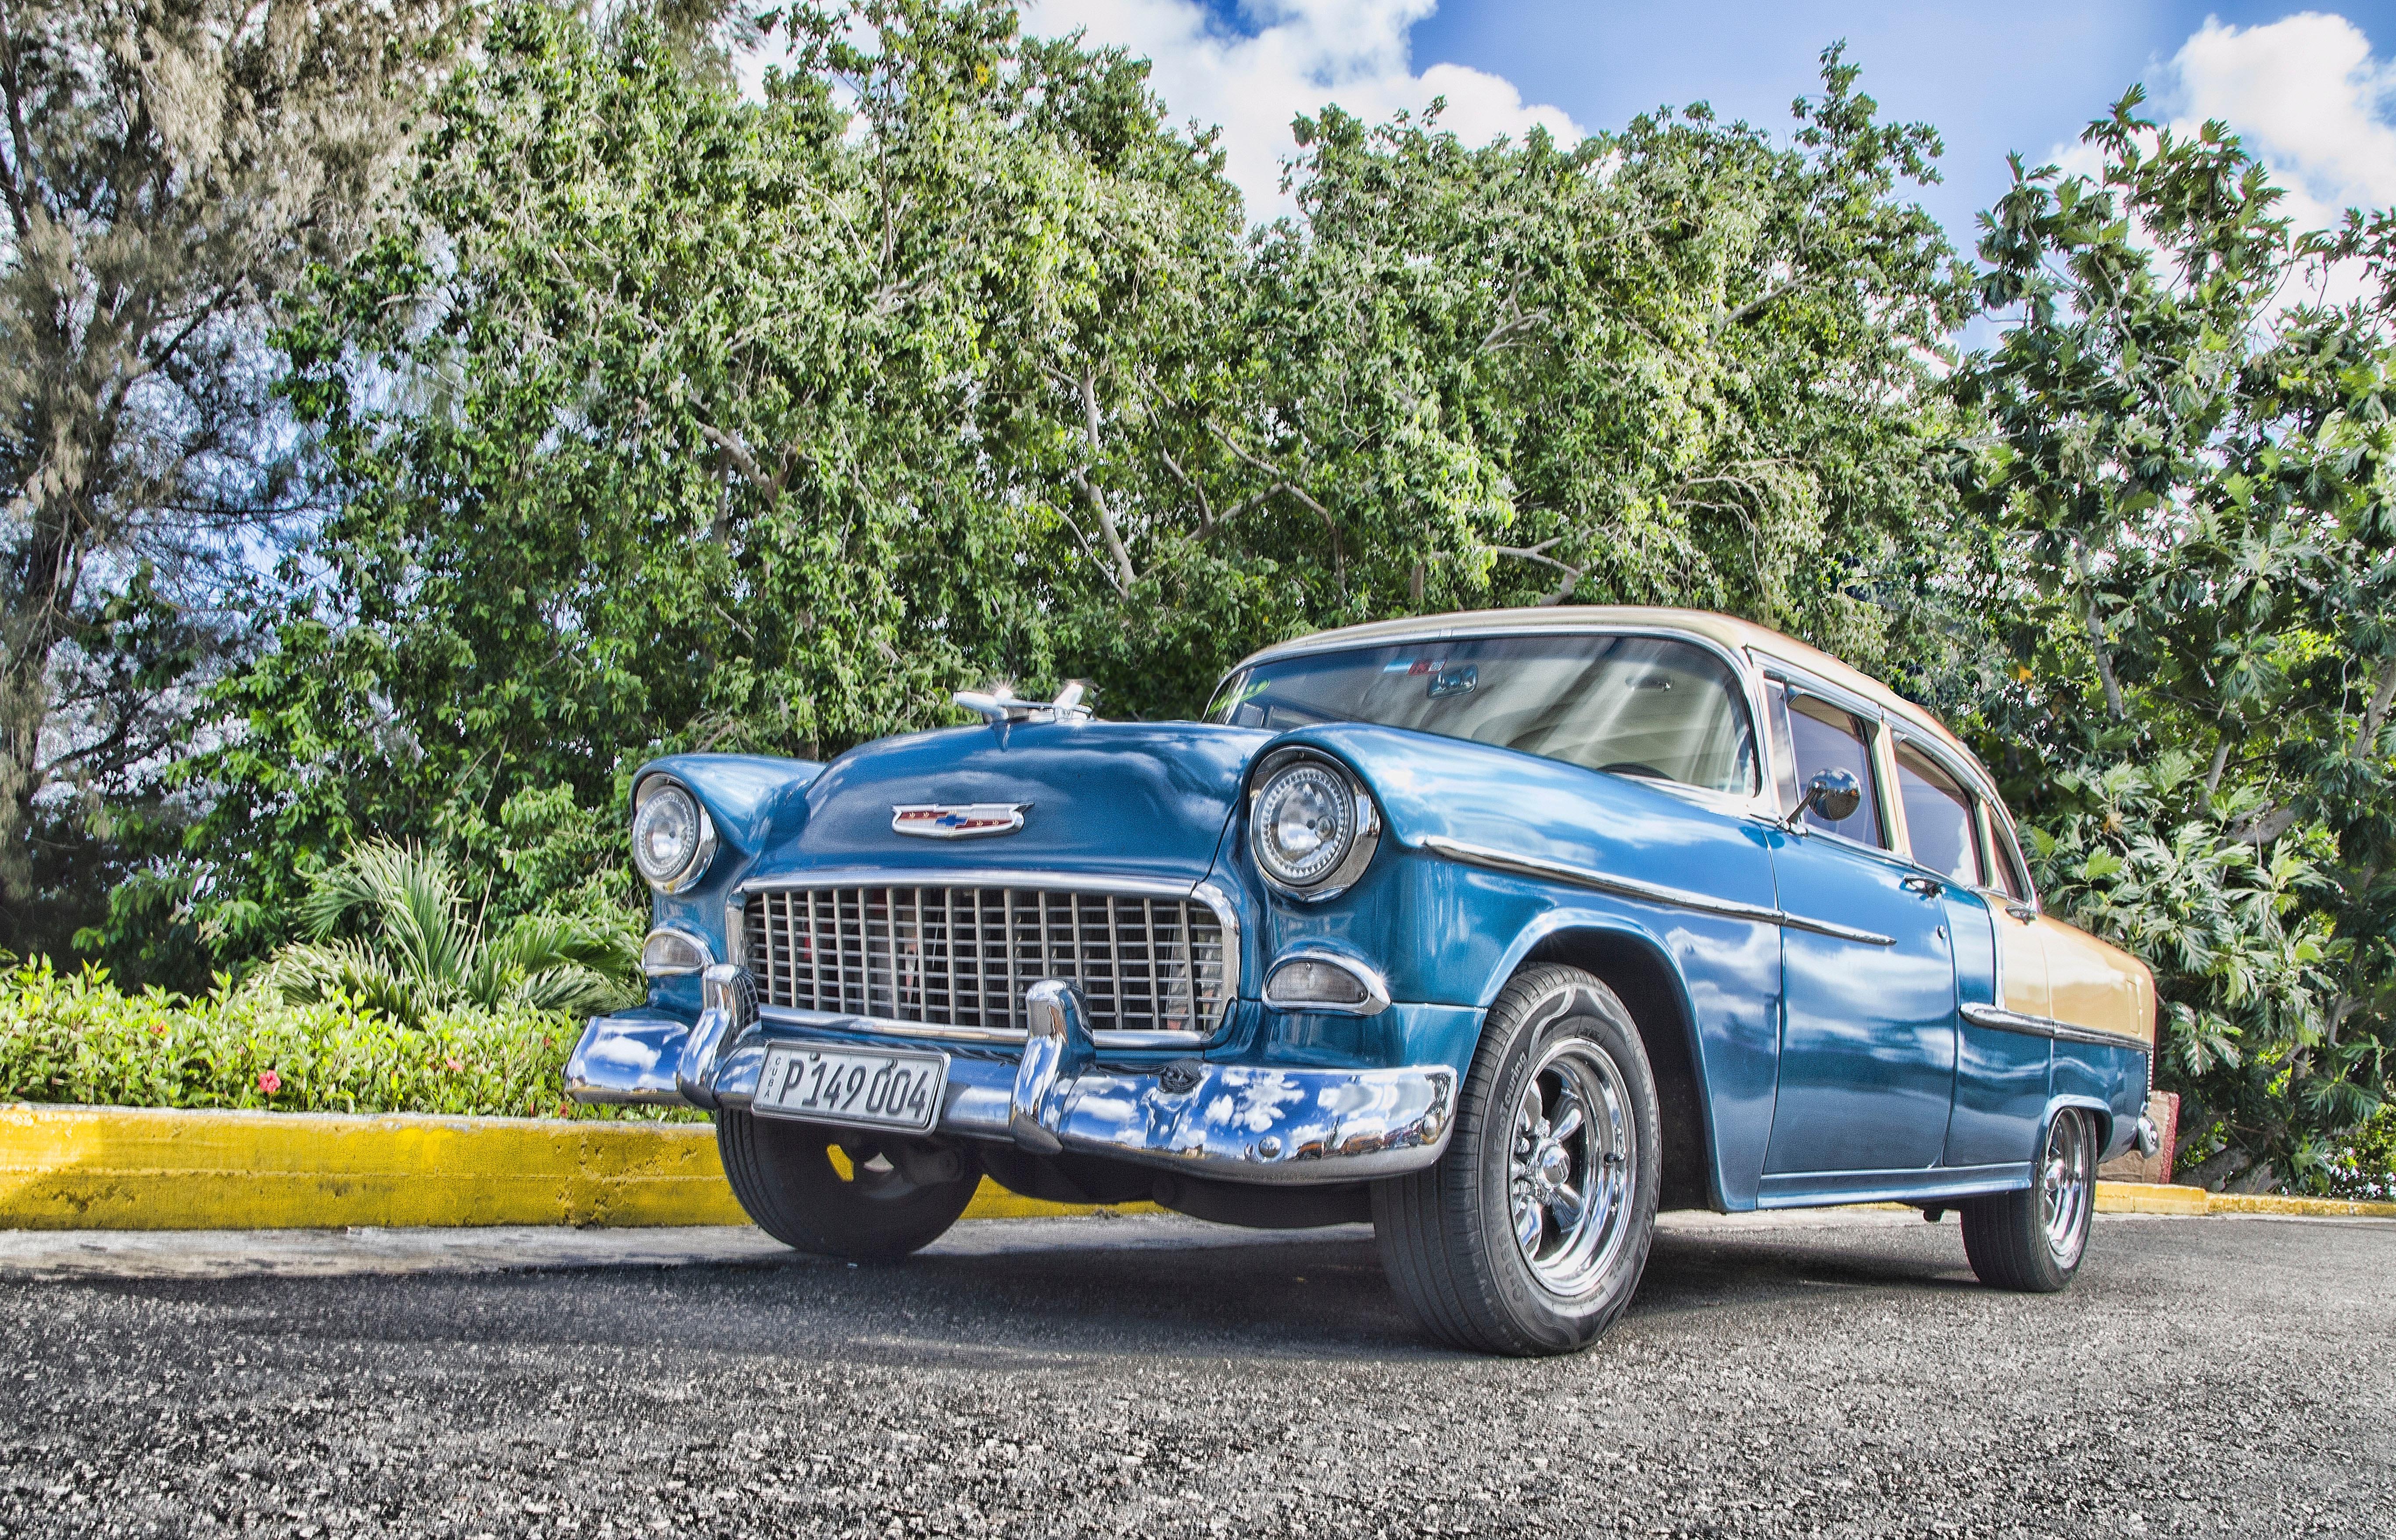 Vintage blue sedan photo